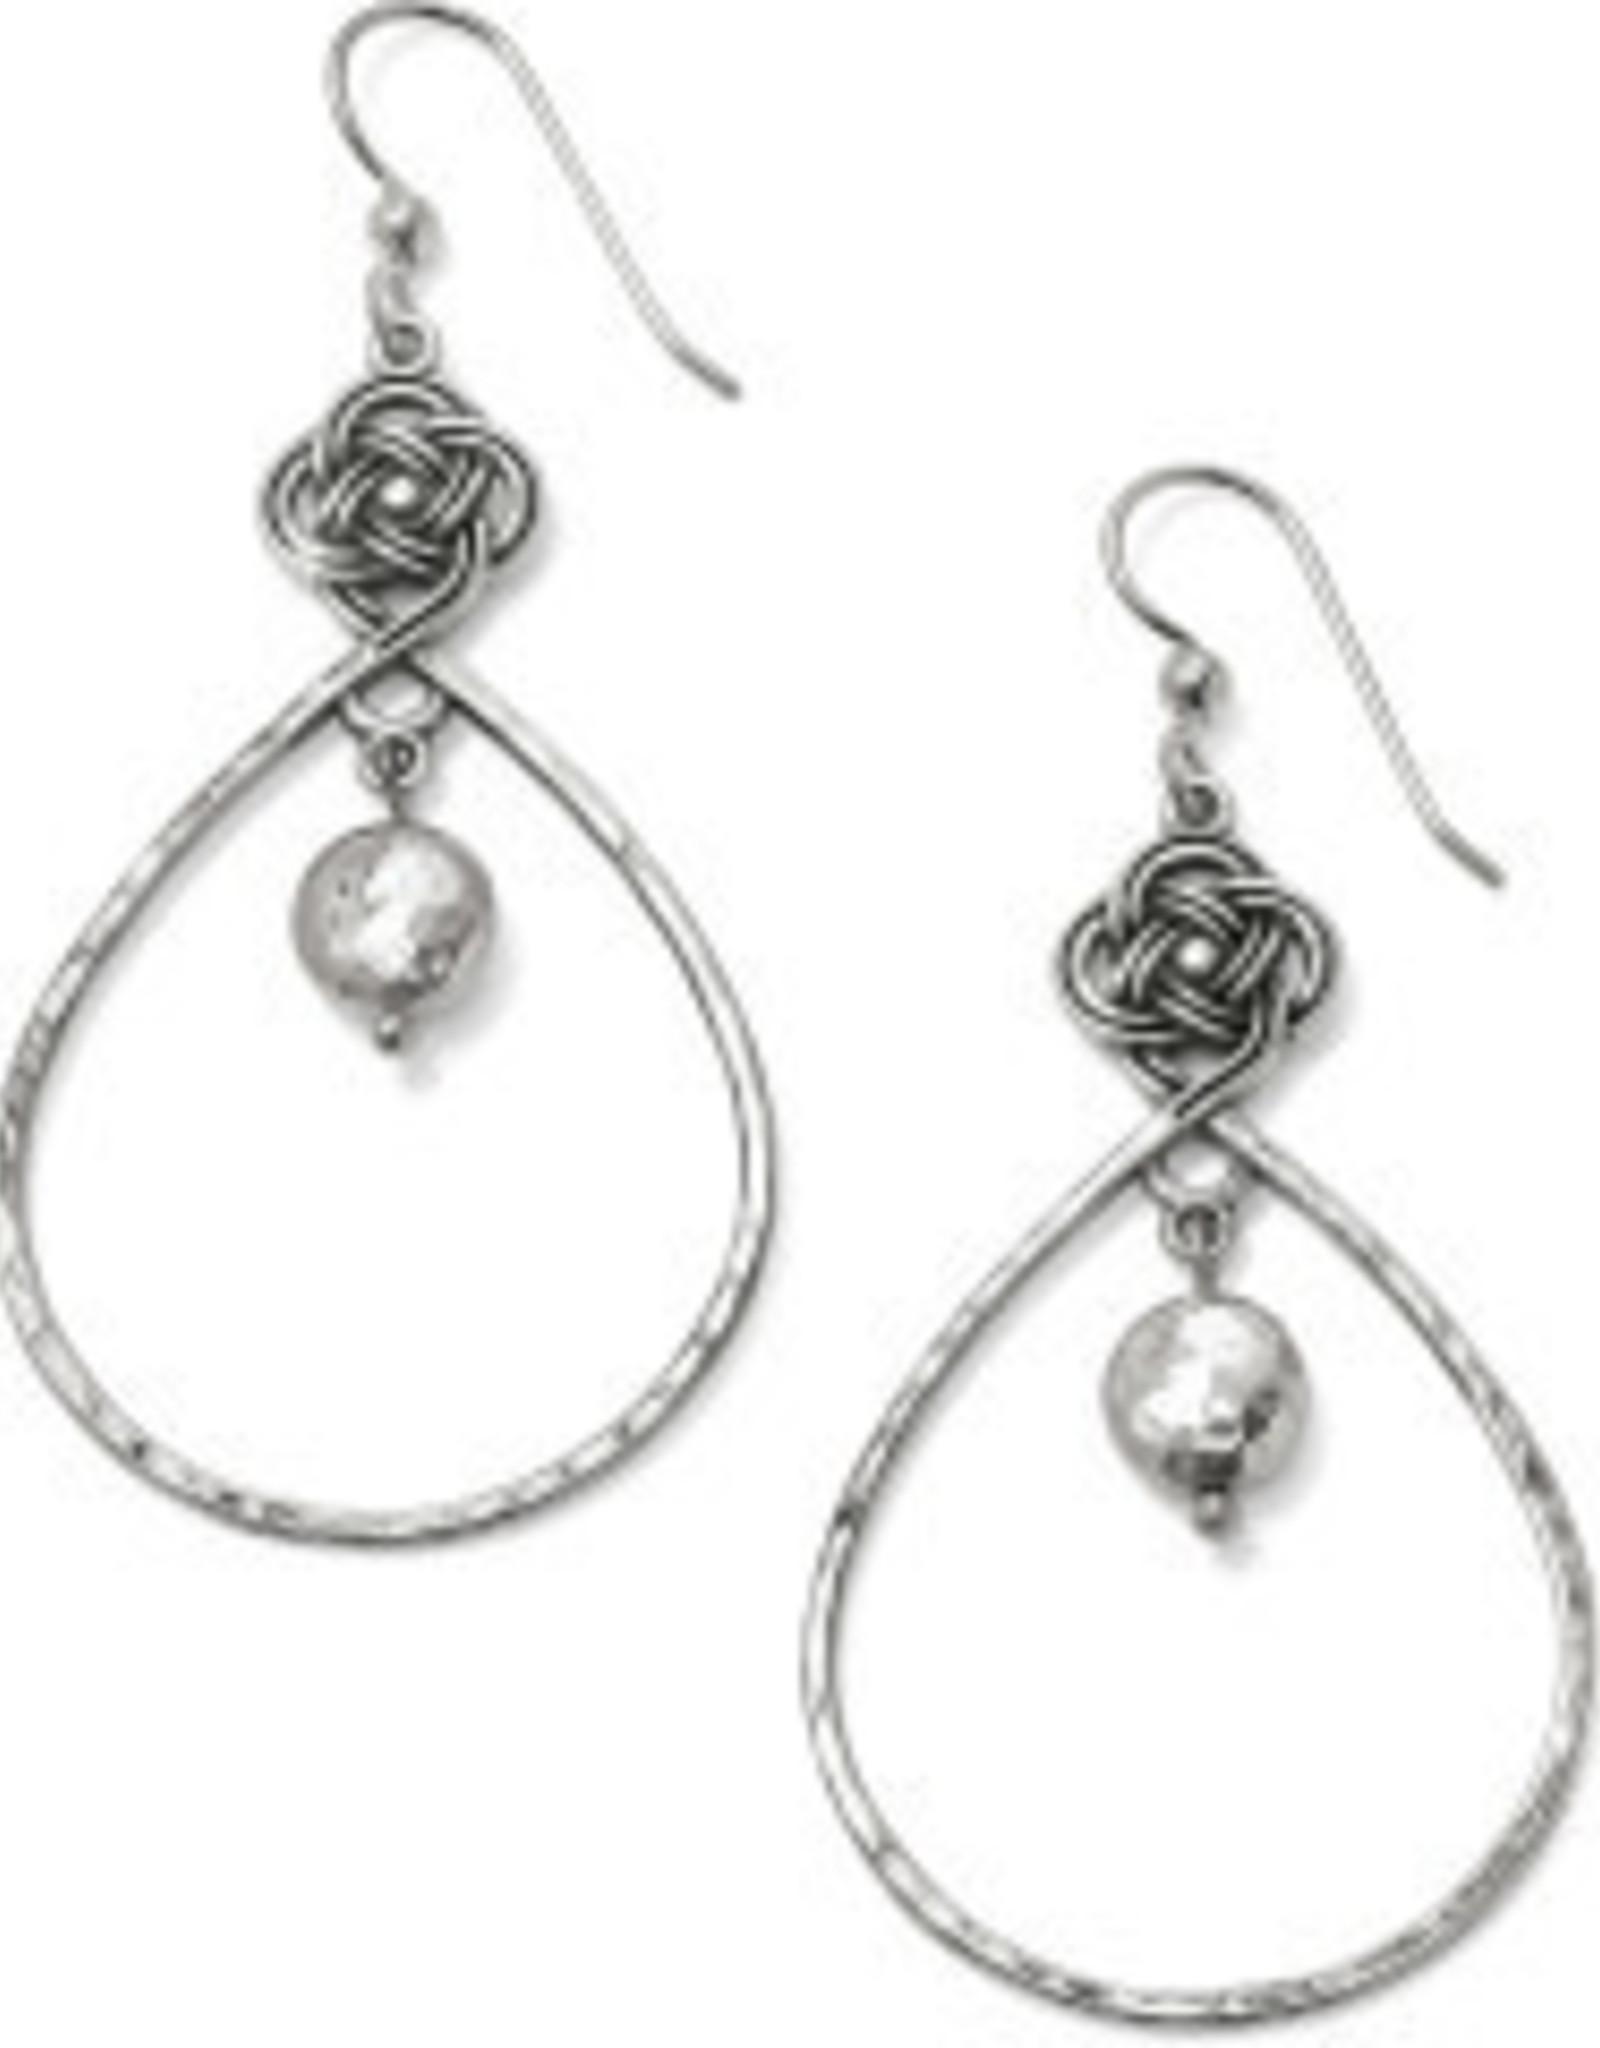 Brighton Interlok Knot Loop French wr earrings